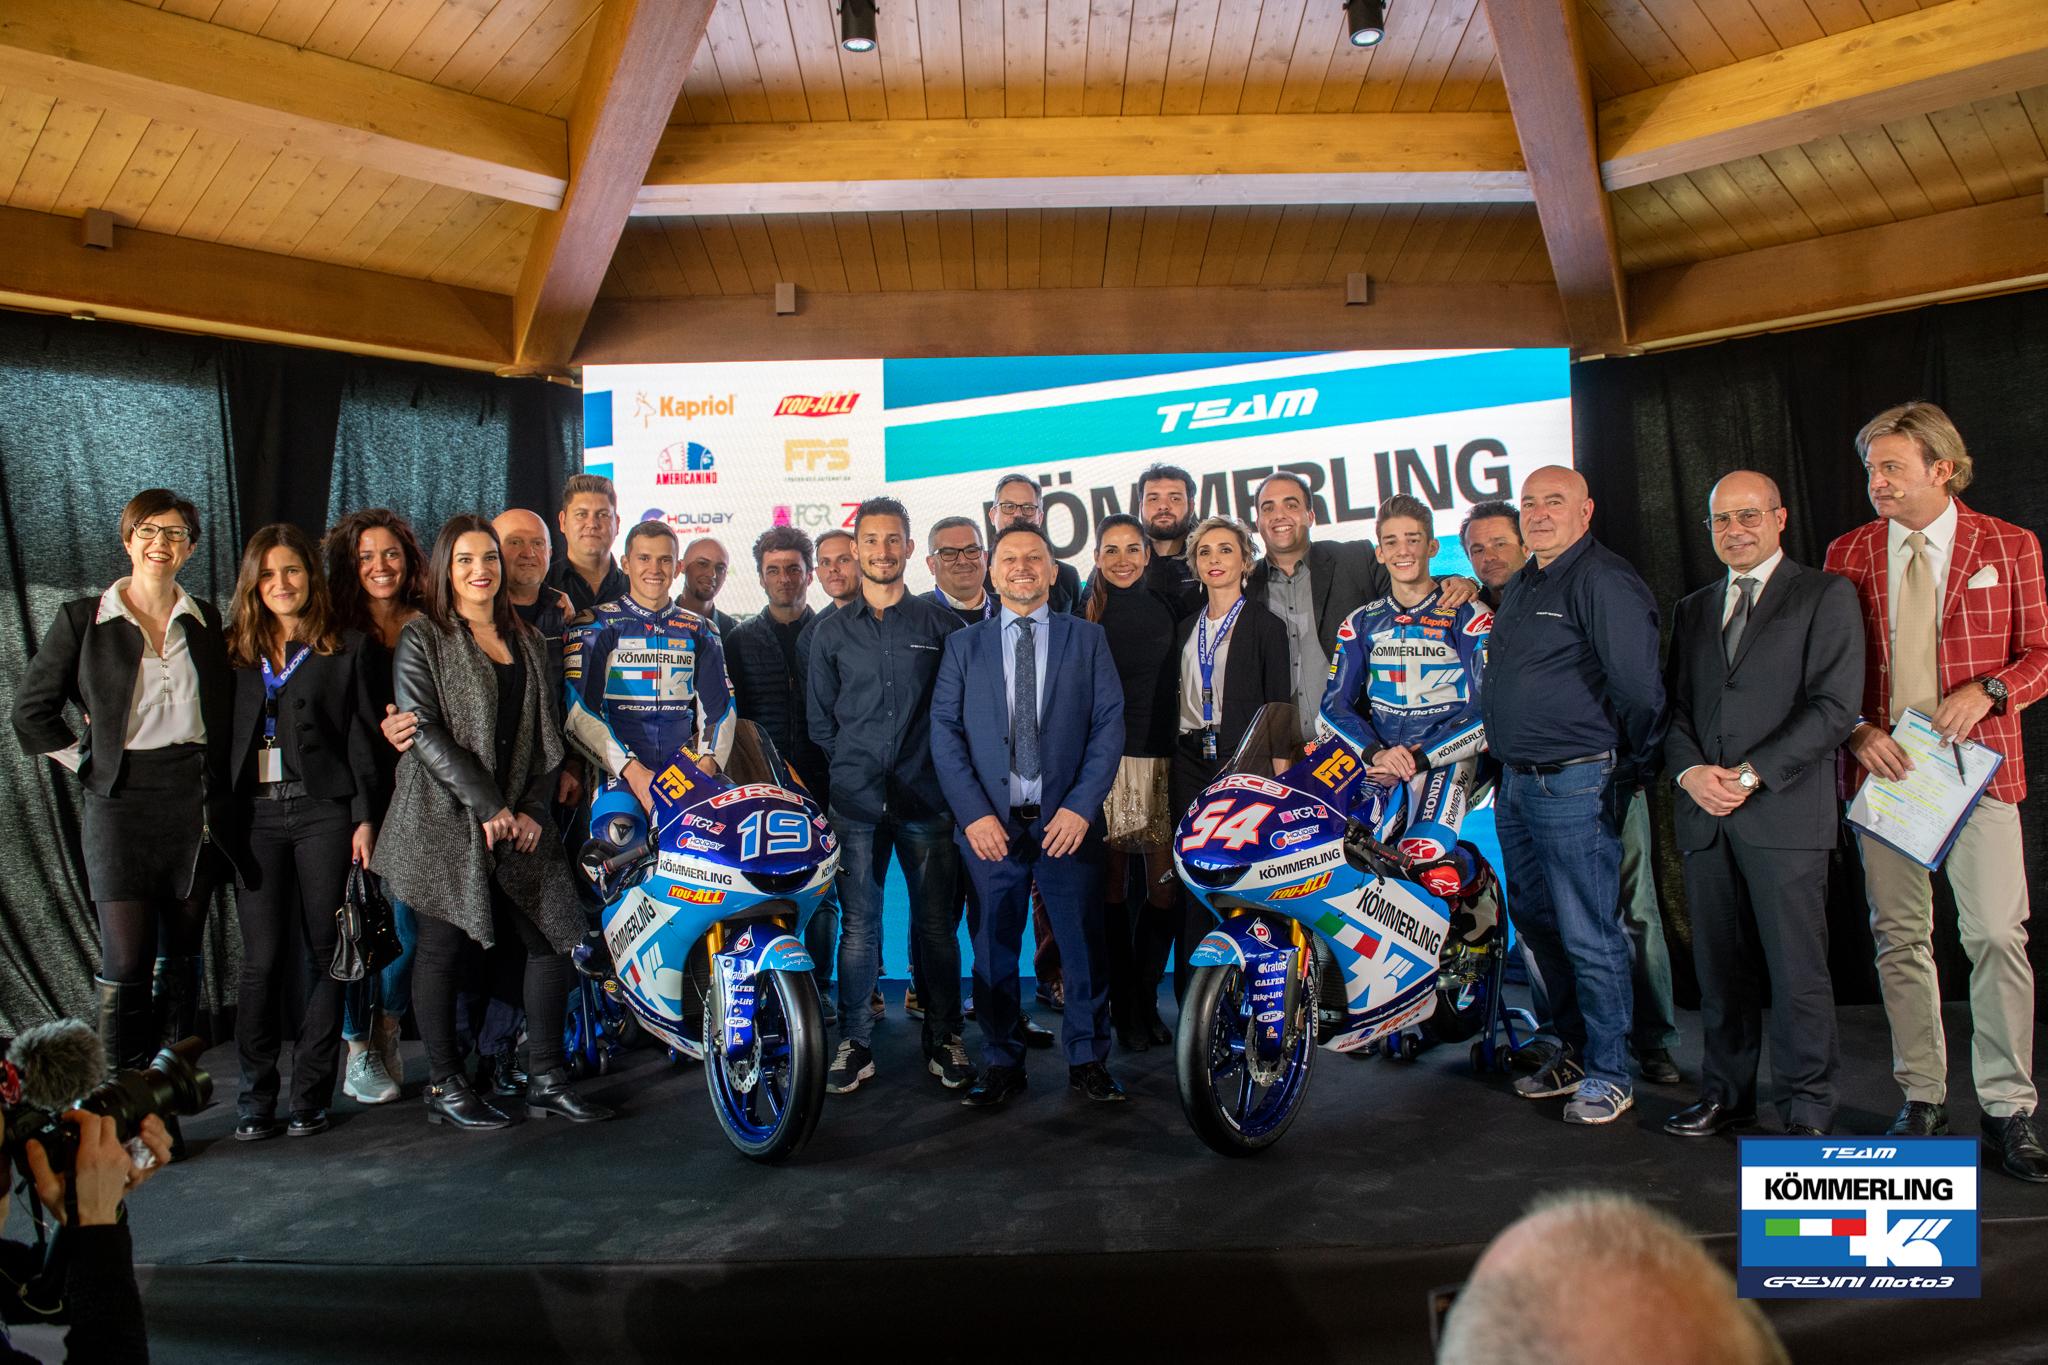 https://lnx.mirkone.it/wp-content/uploads/2019/06/tPresentazione-Team-Kömmerling-Gresini-Moto3-2019-00010.jpg